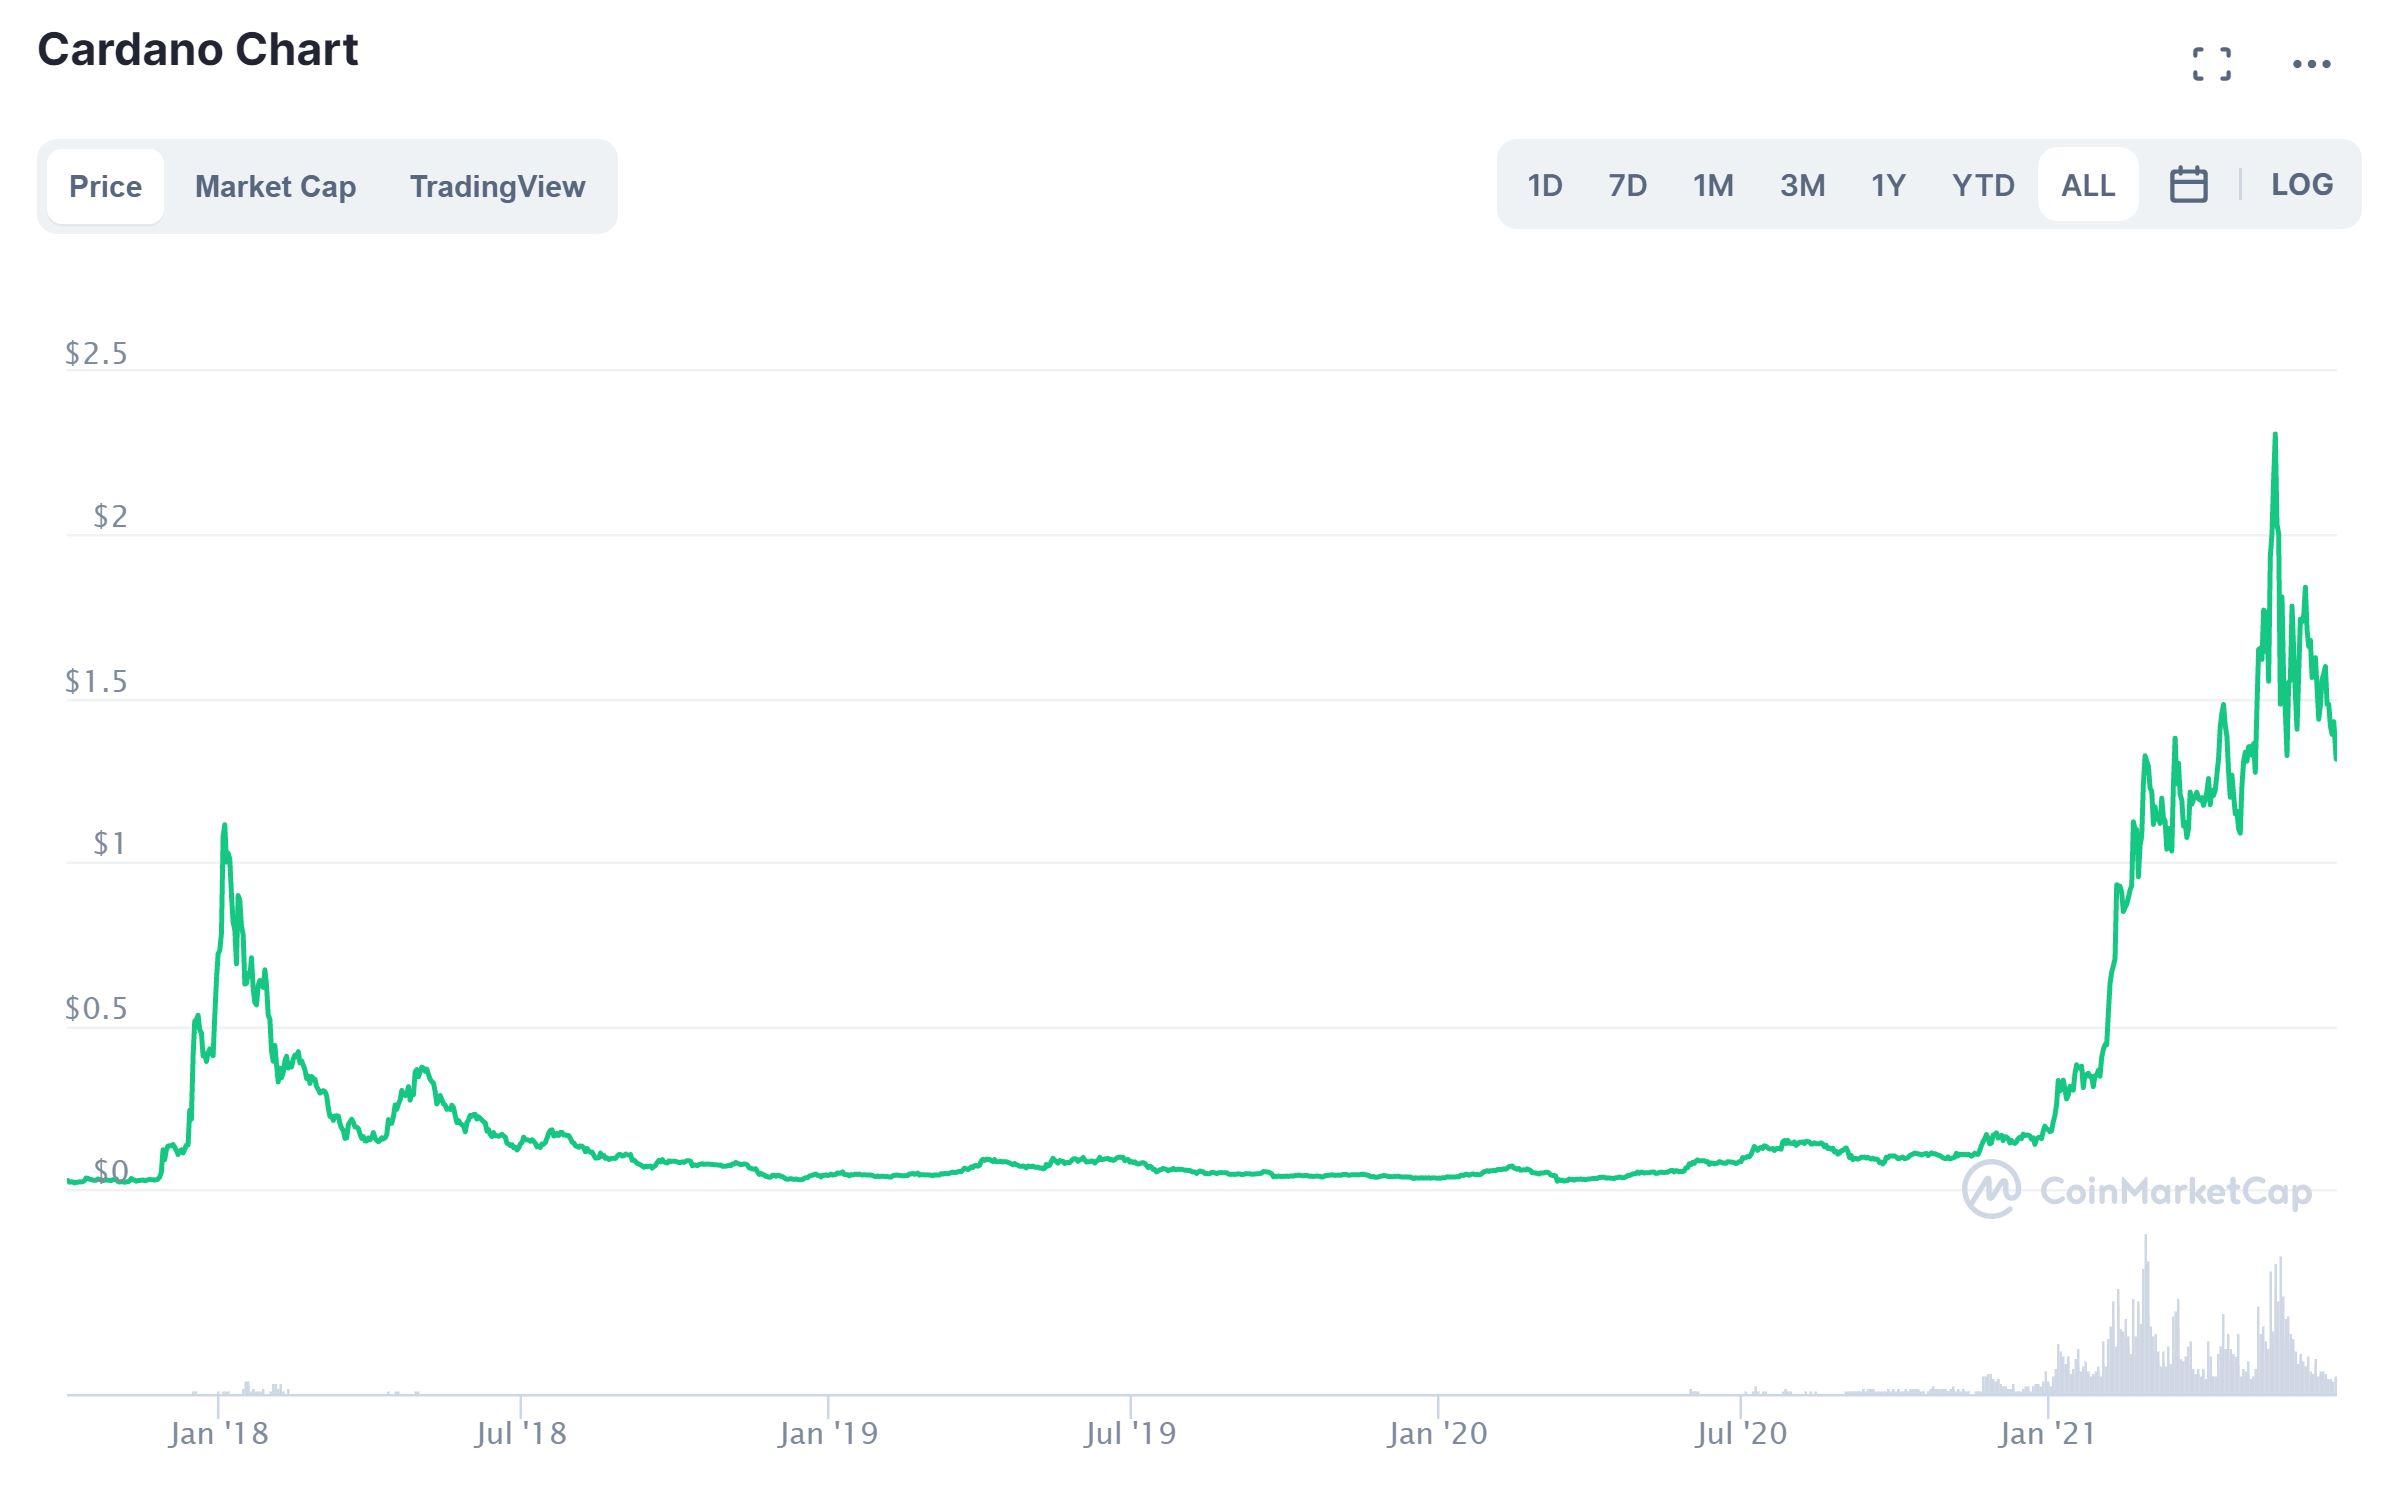 Gráfico de precios de Cardano CoinMarketCap